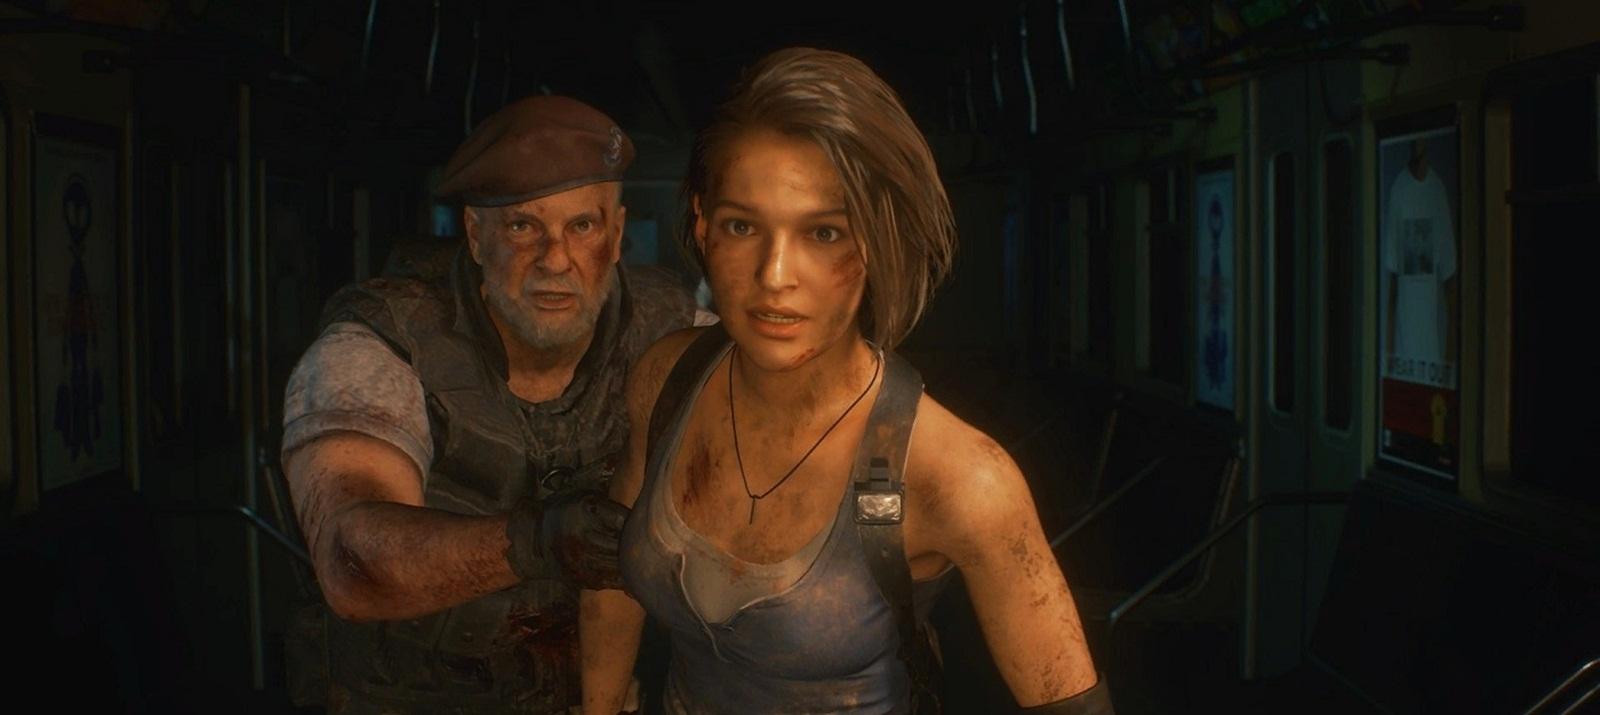 Мнение: Resident Evil 3 заслуживает внимания, если вы играли во вторую часть